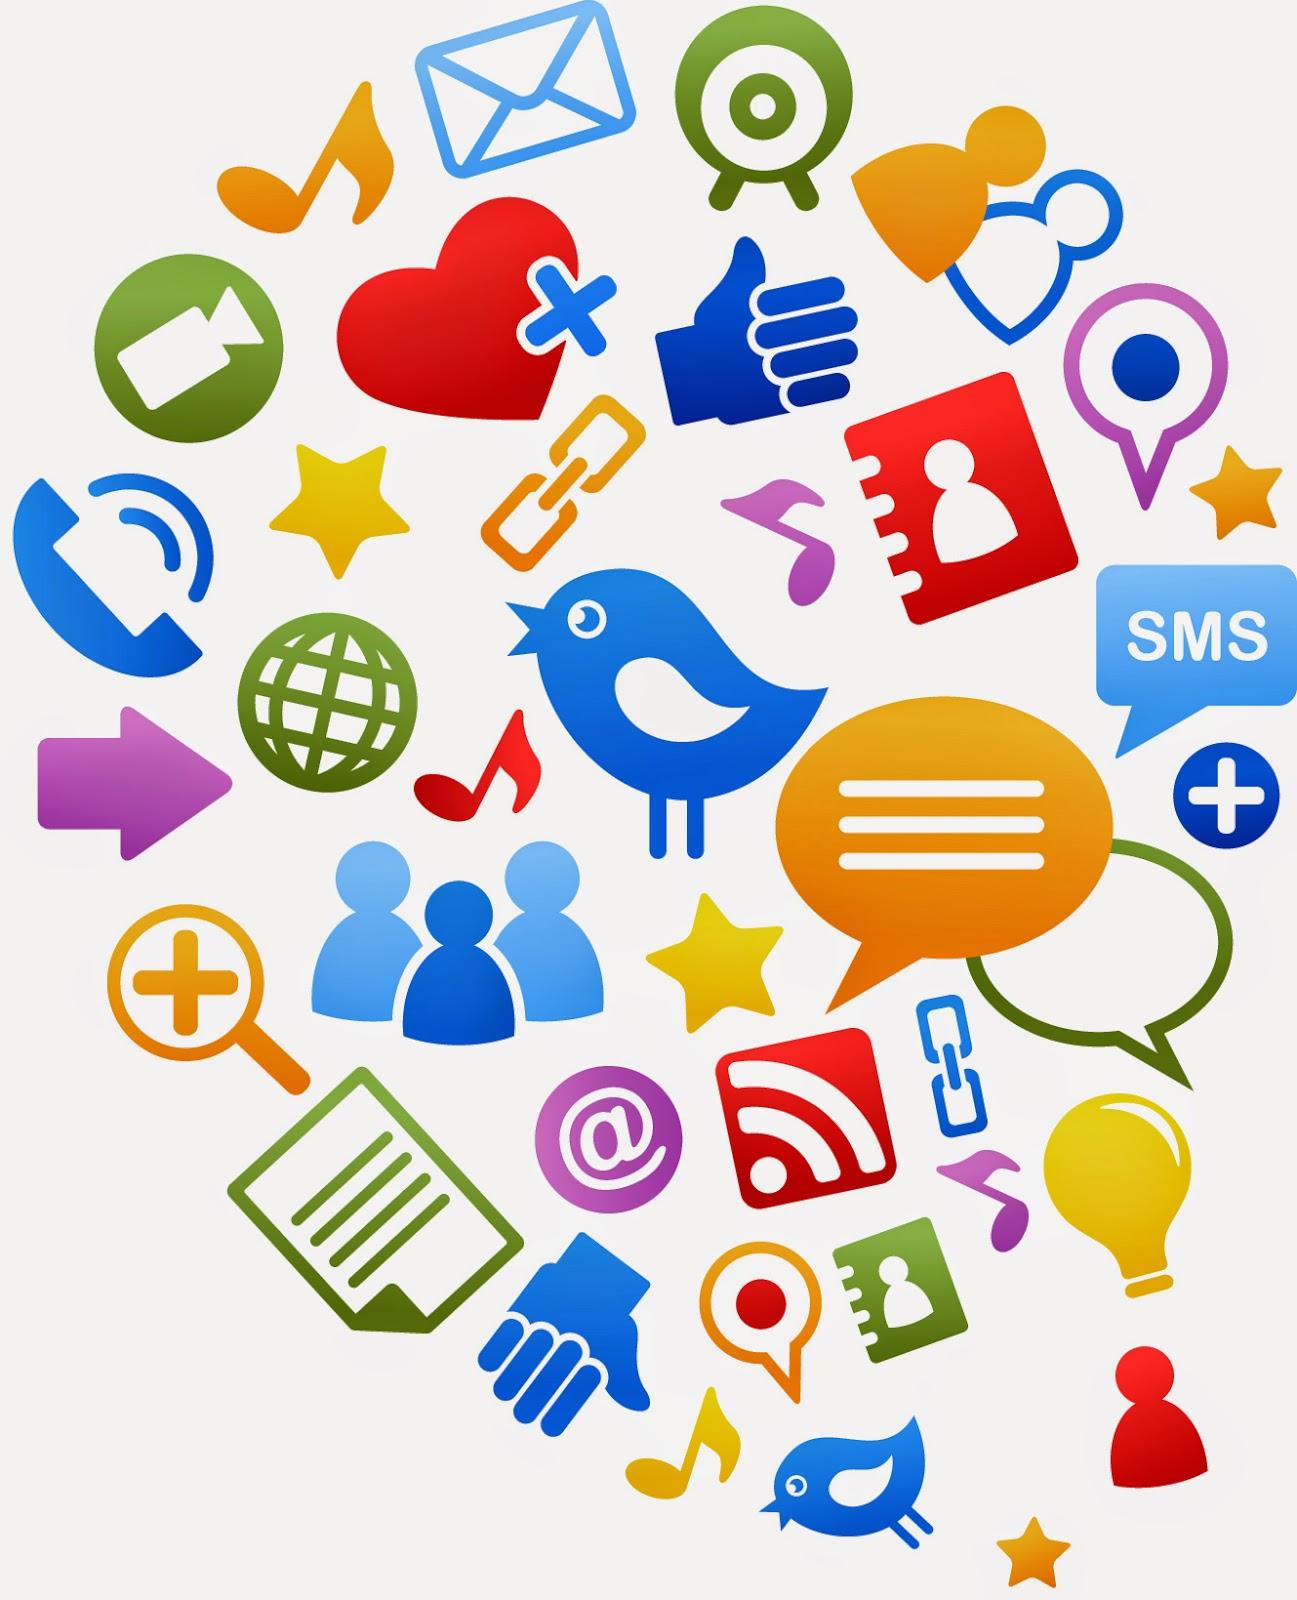 Interacción, la clave del éxito del mercadeo en redes sociales